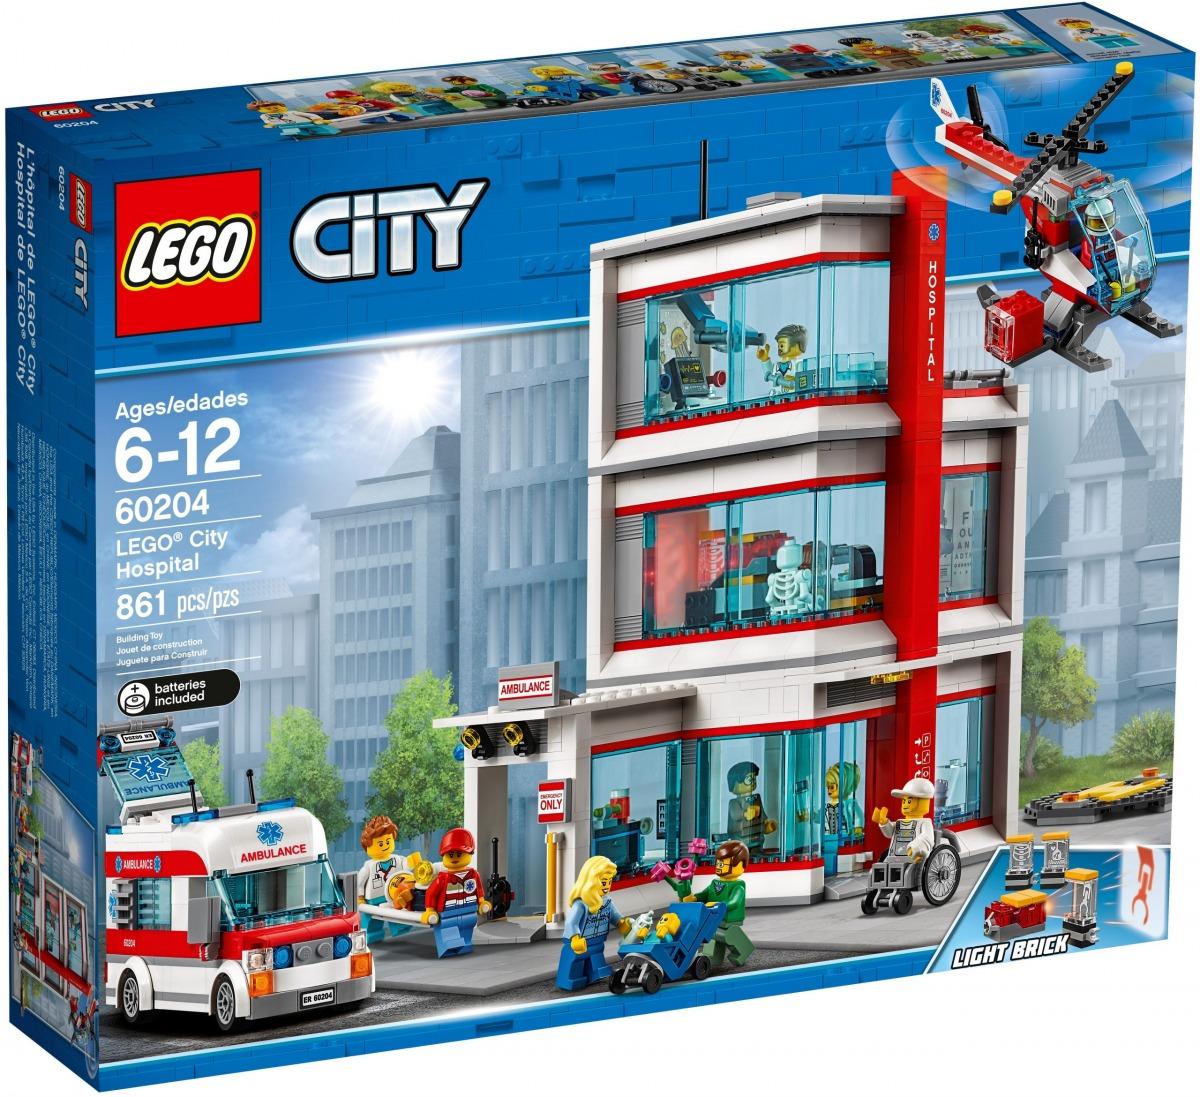 lego 60204 city hospital scaled